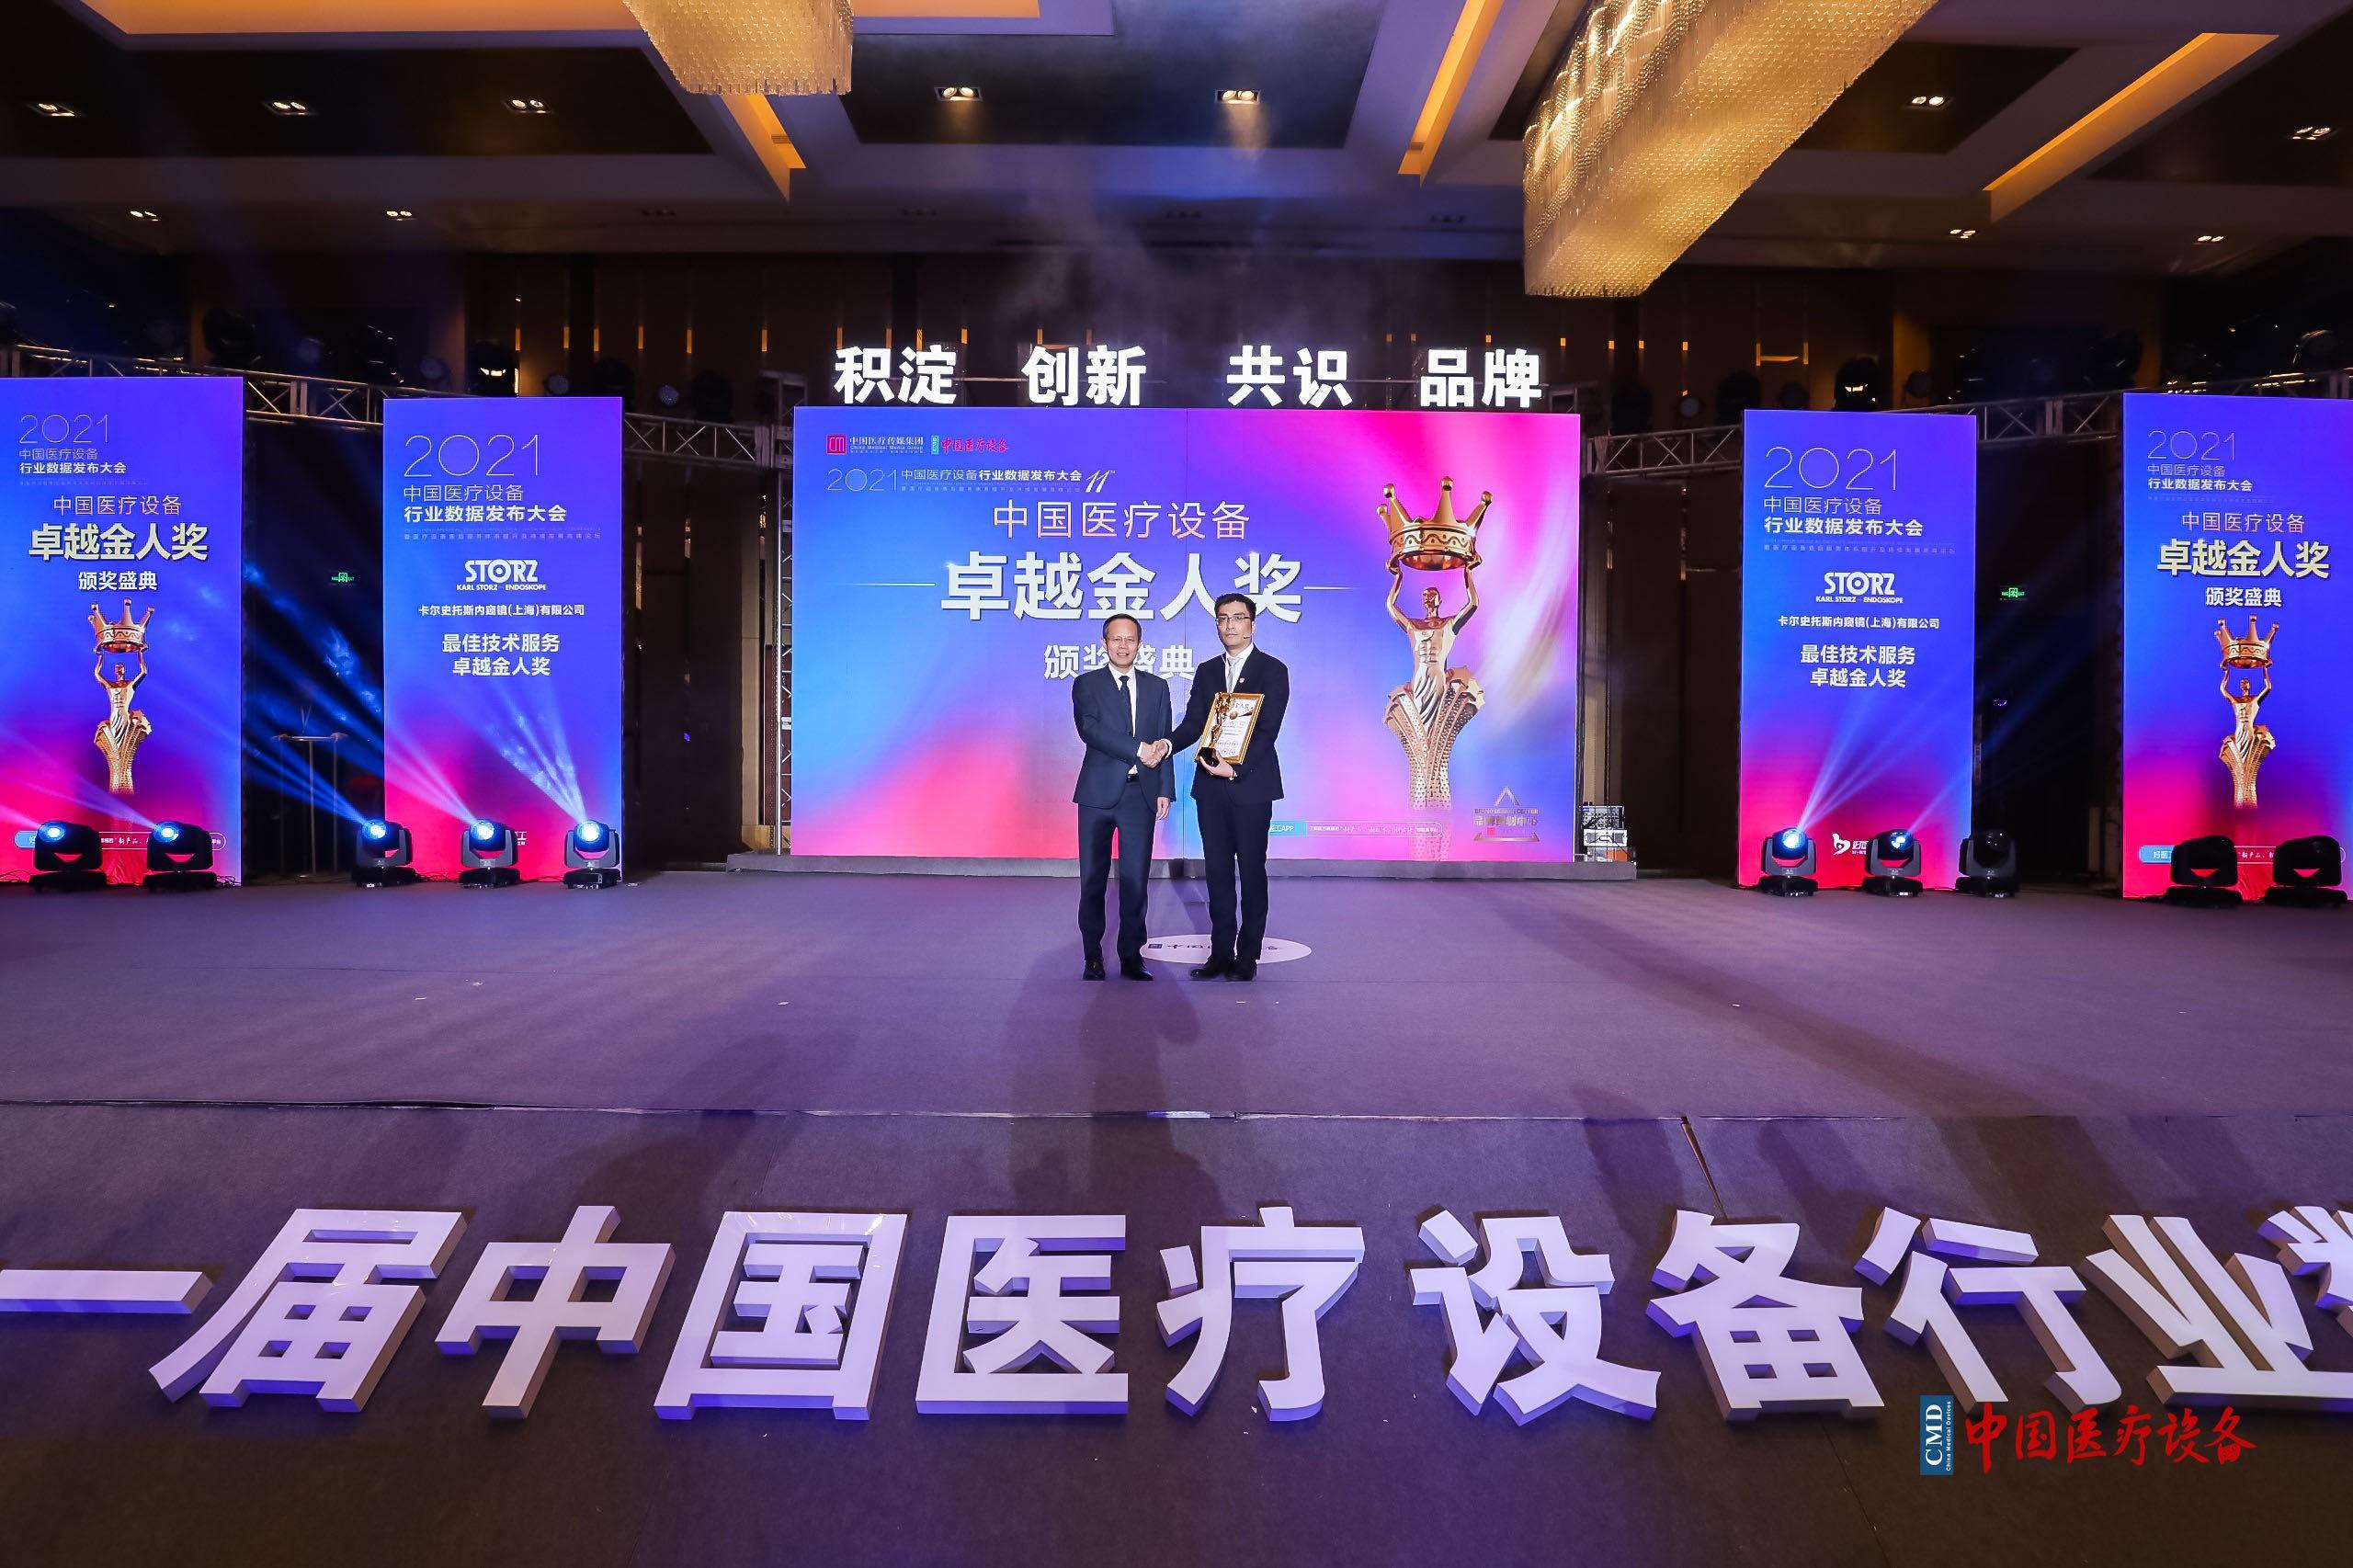 第十一届中国医疗设备行业数据发布大会在京顺利召开,卡尔史托斯荣获技术服务卓越金人奖